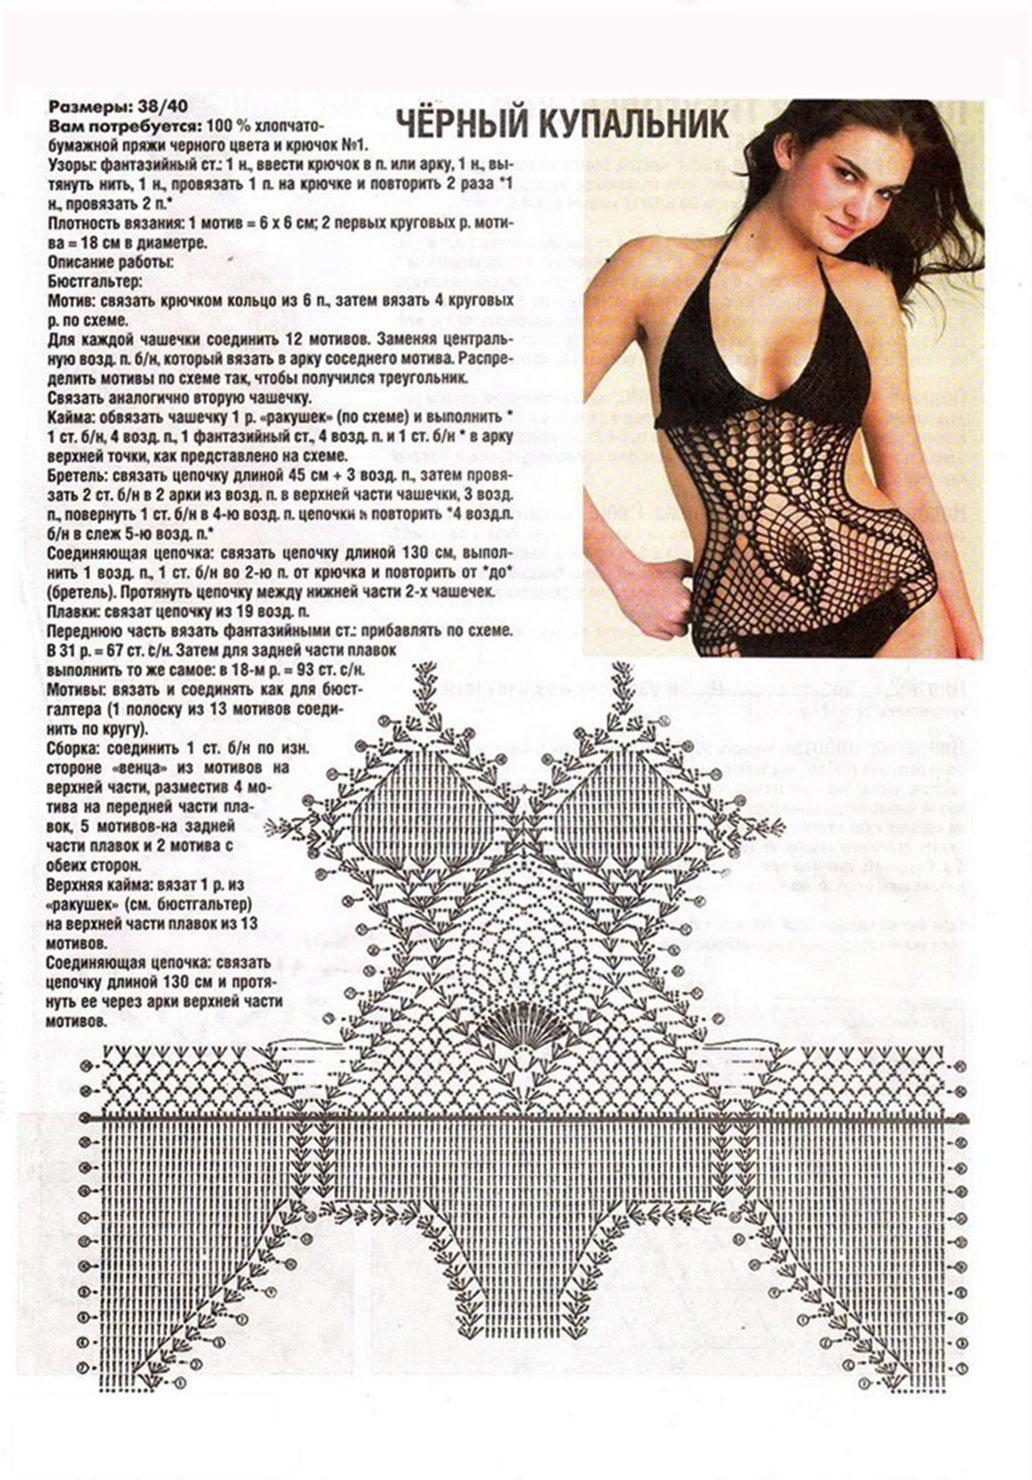 Купальник схема для вязания